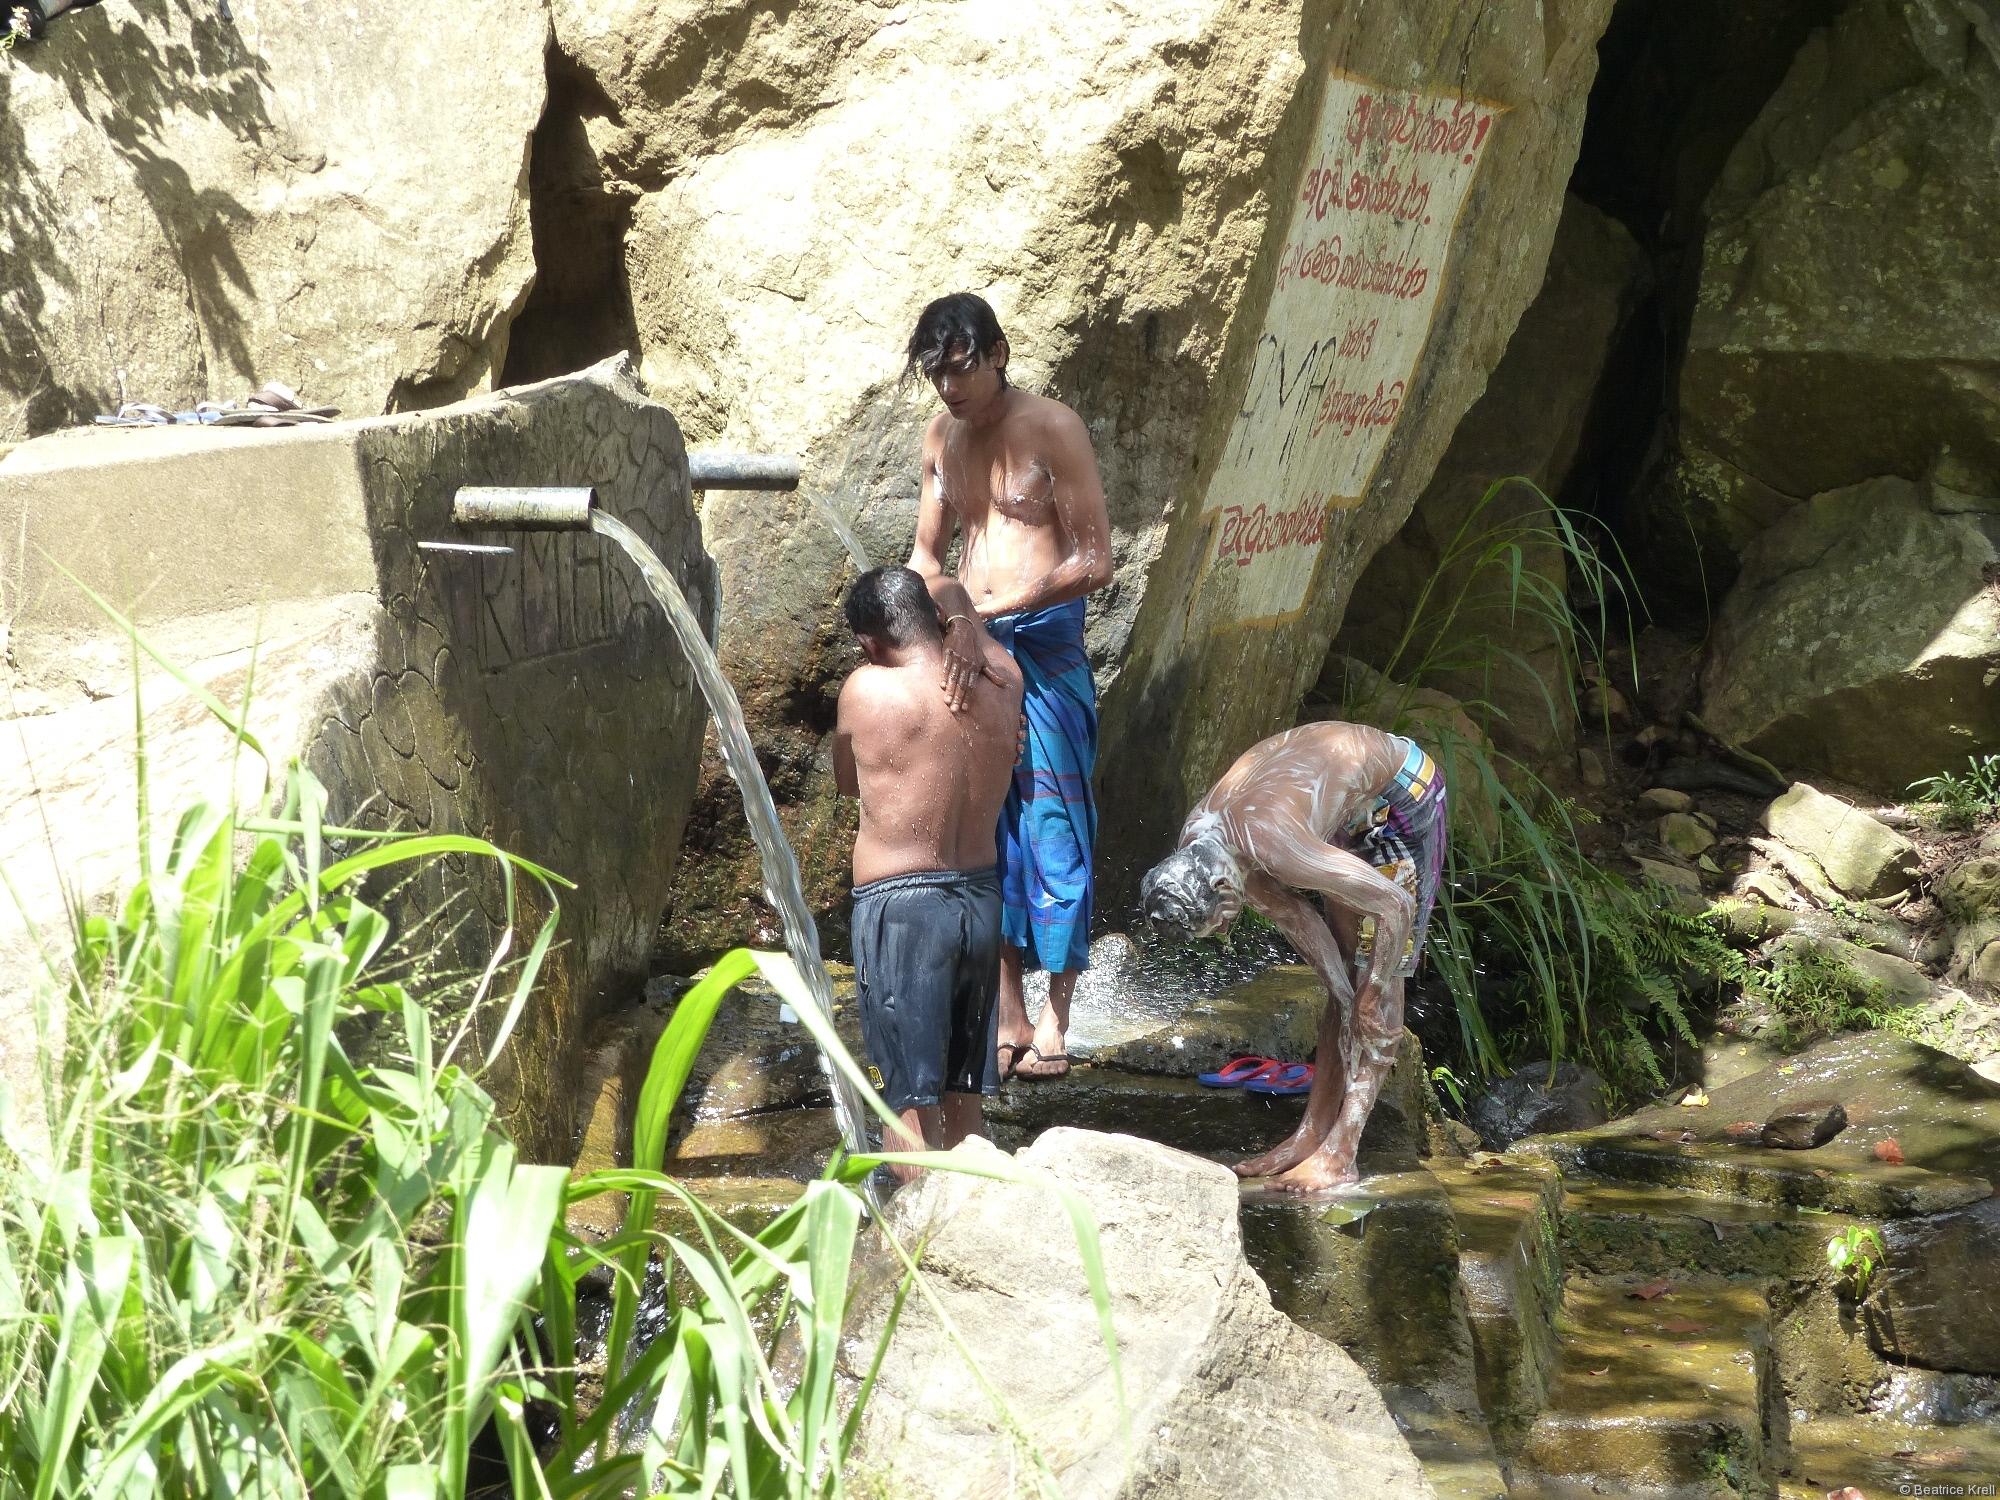 Einheimische beim Duschen am Wasserfall